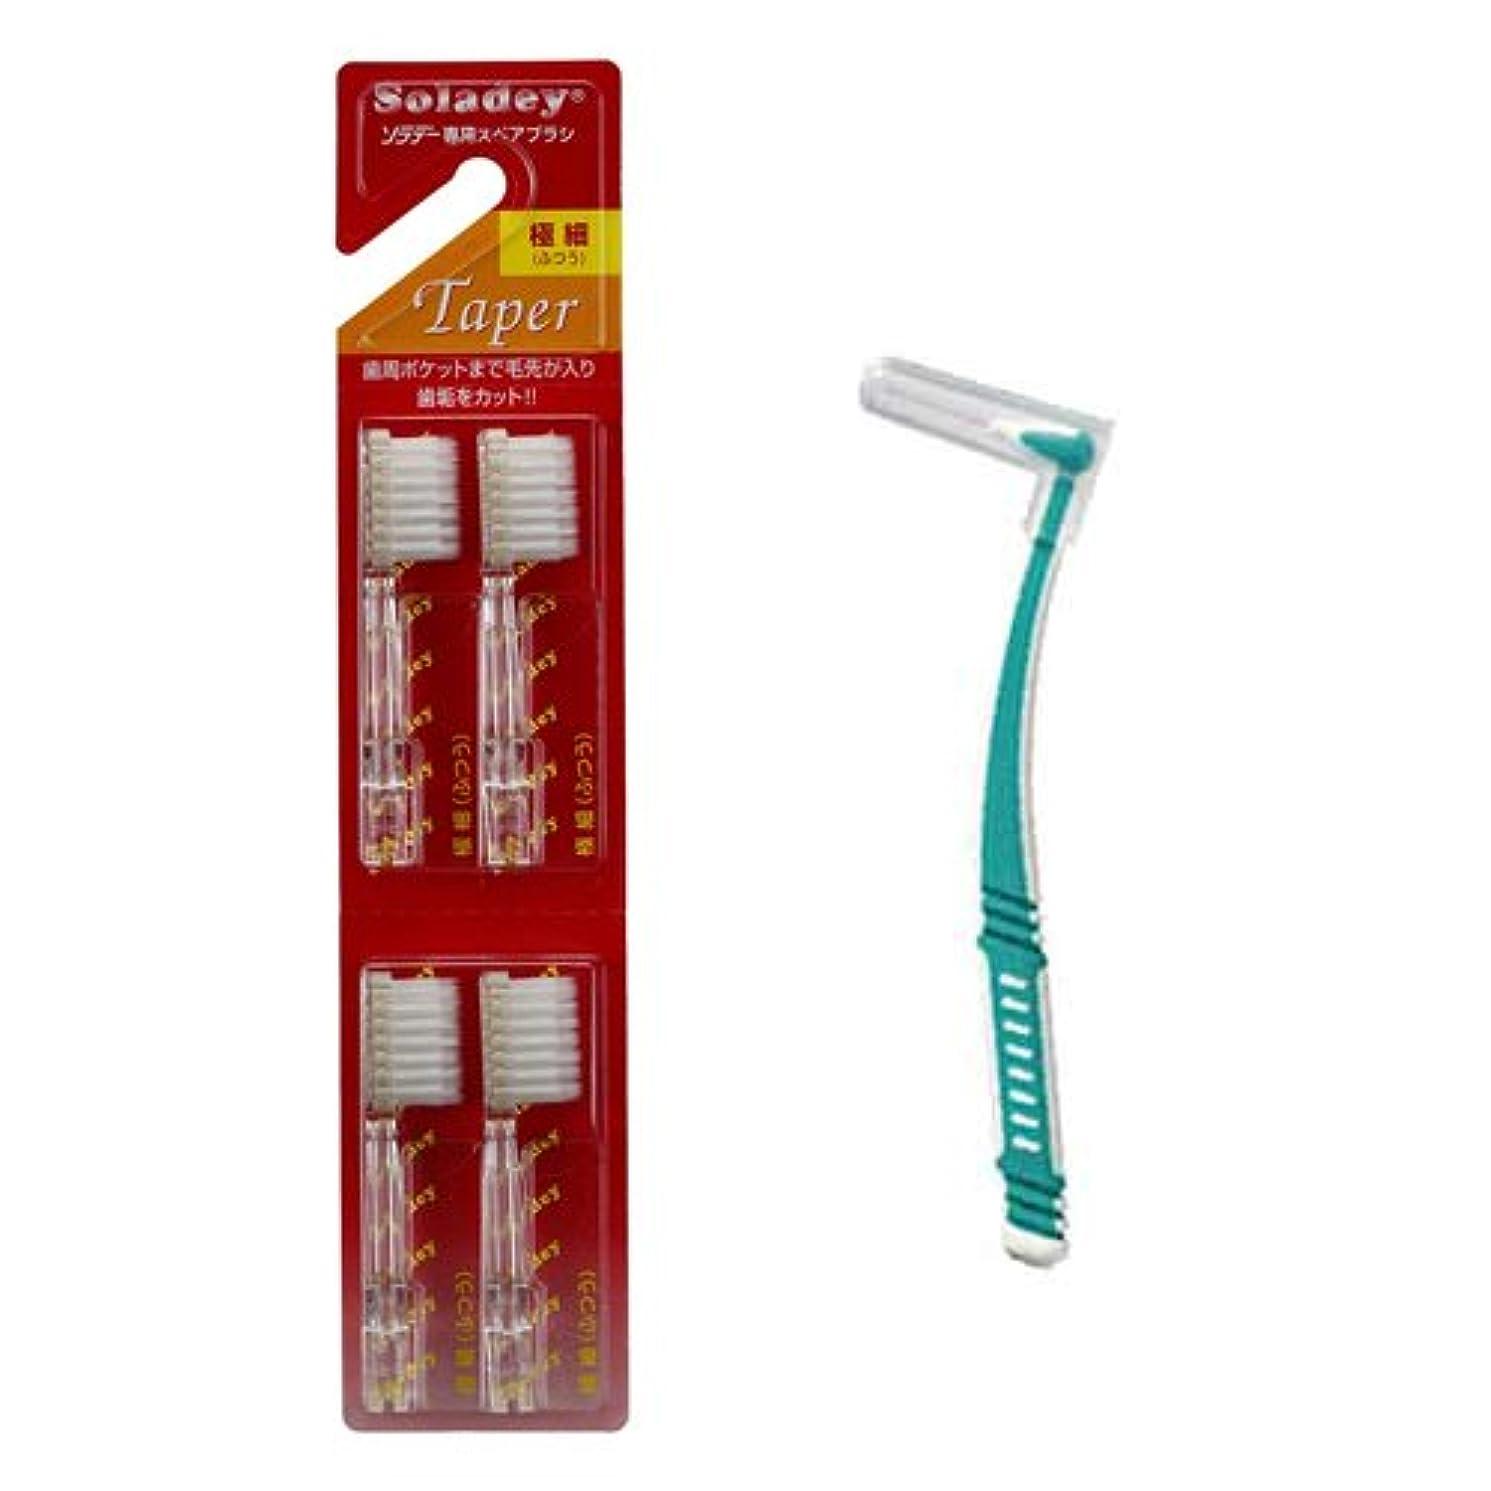 ケーブルシーボードオフシケン ソラデー専用スペアブラシ 極細(ふつう) + L字歯間ブラシ セット